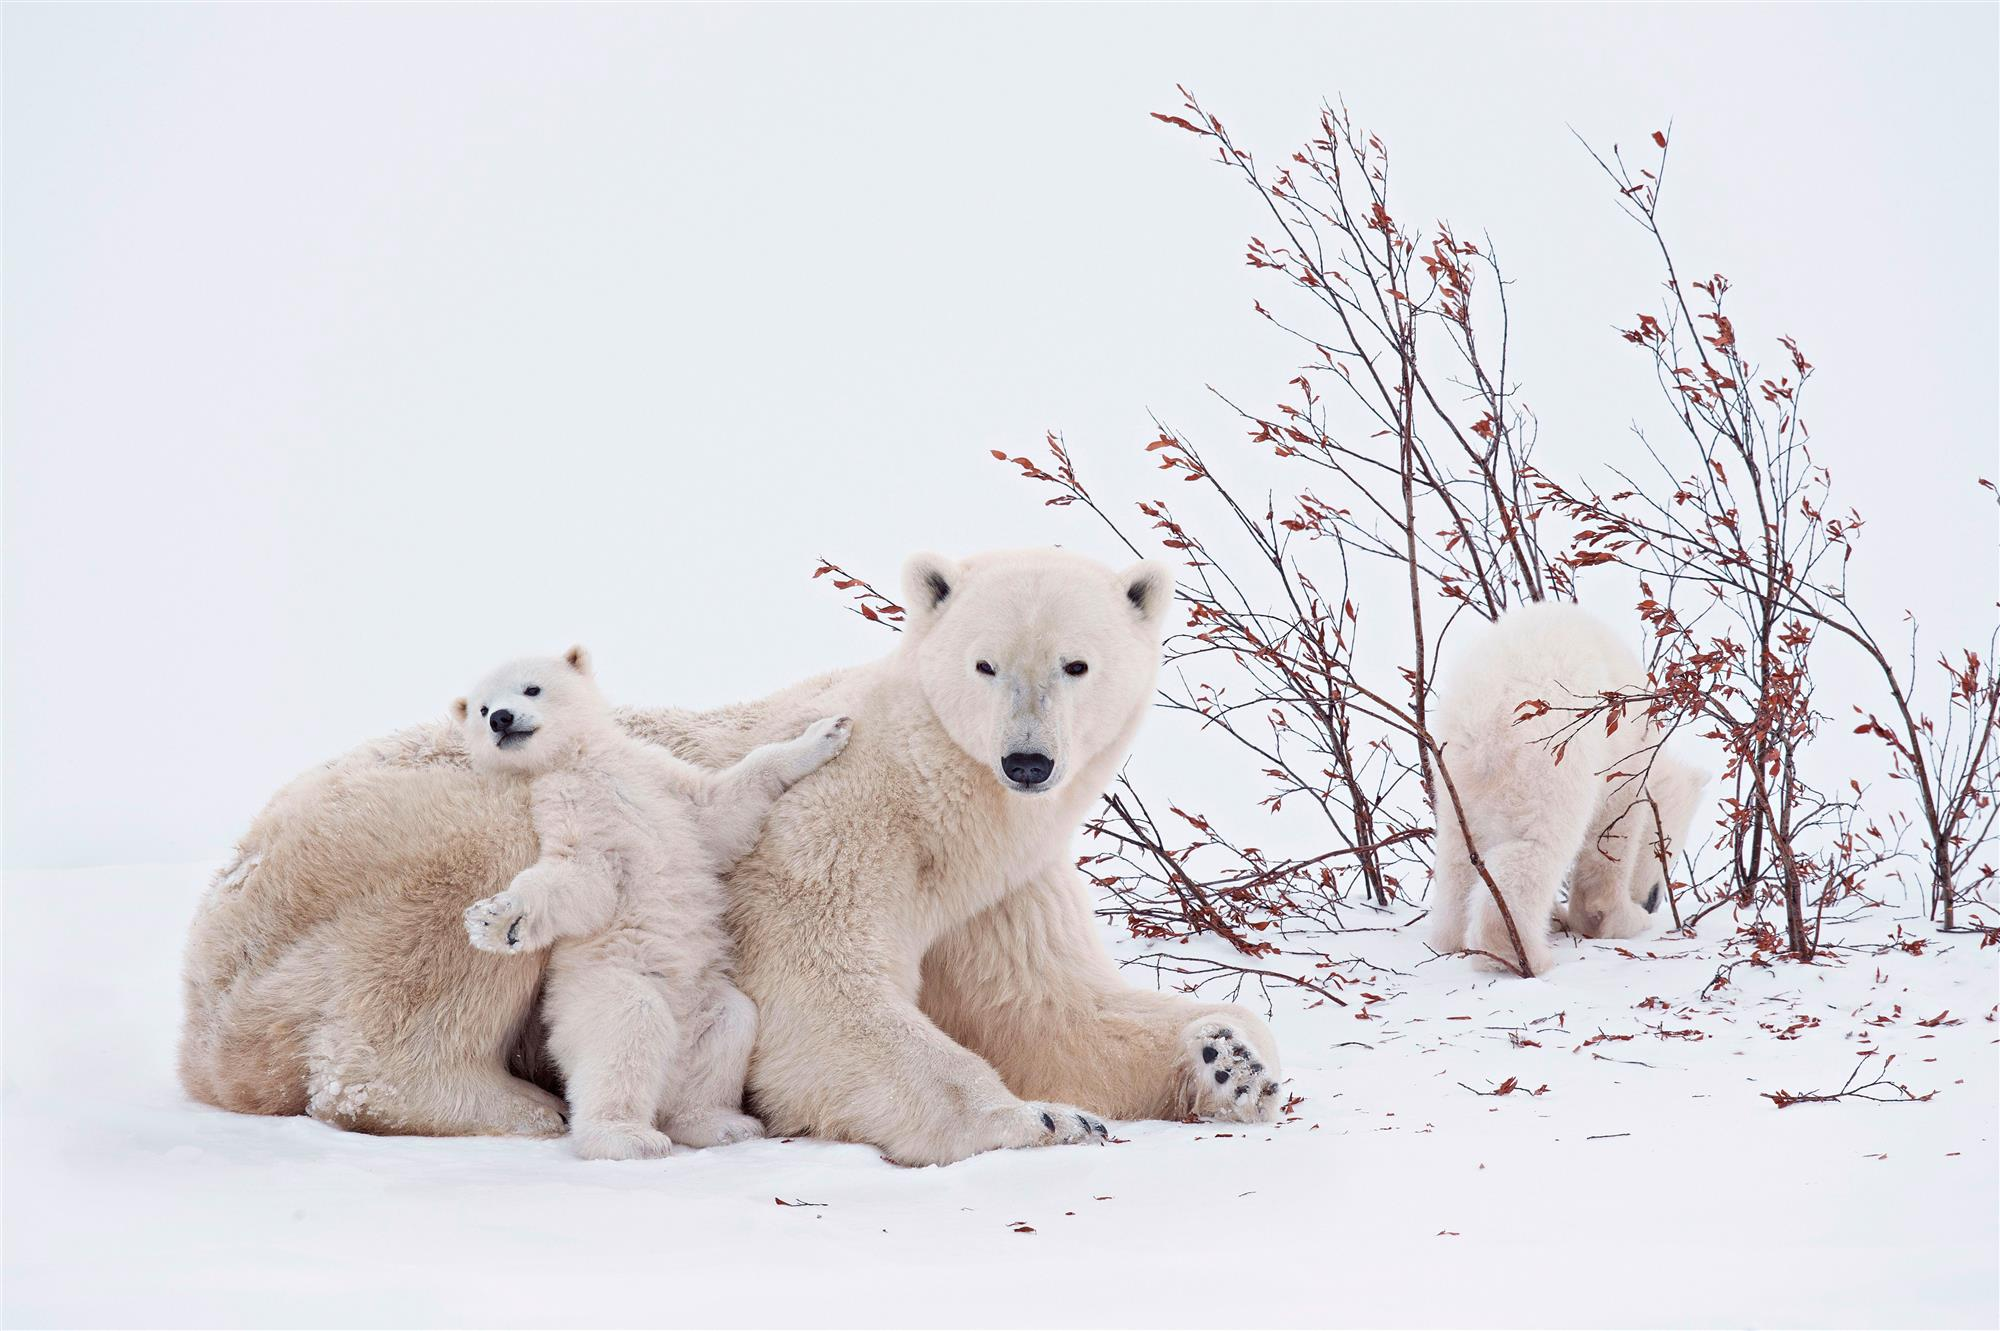 Imagenes De Osos Polares: 36 Fotos De Osos Polares